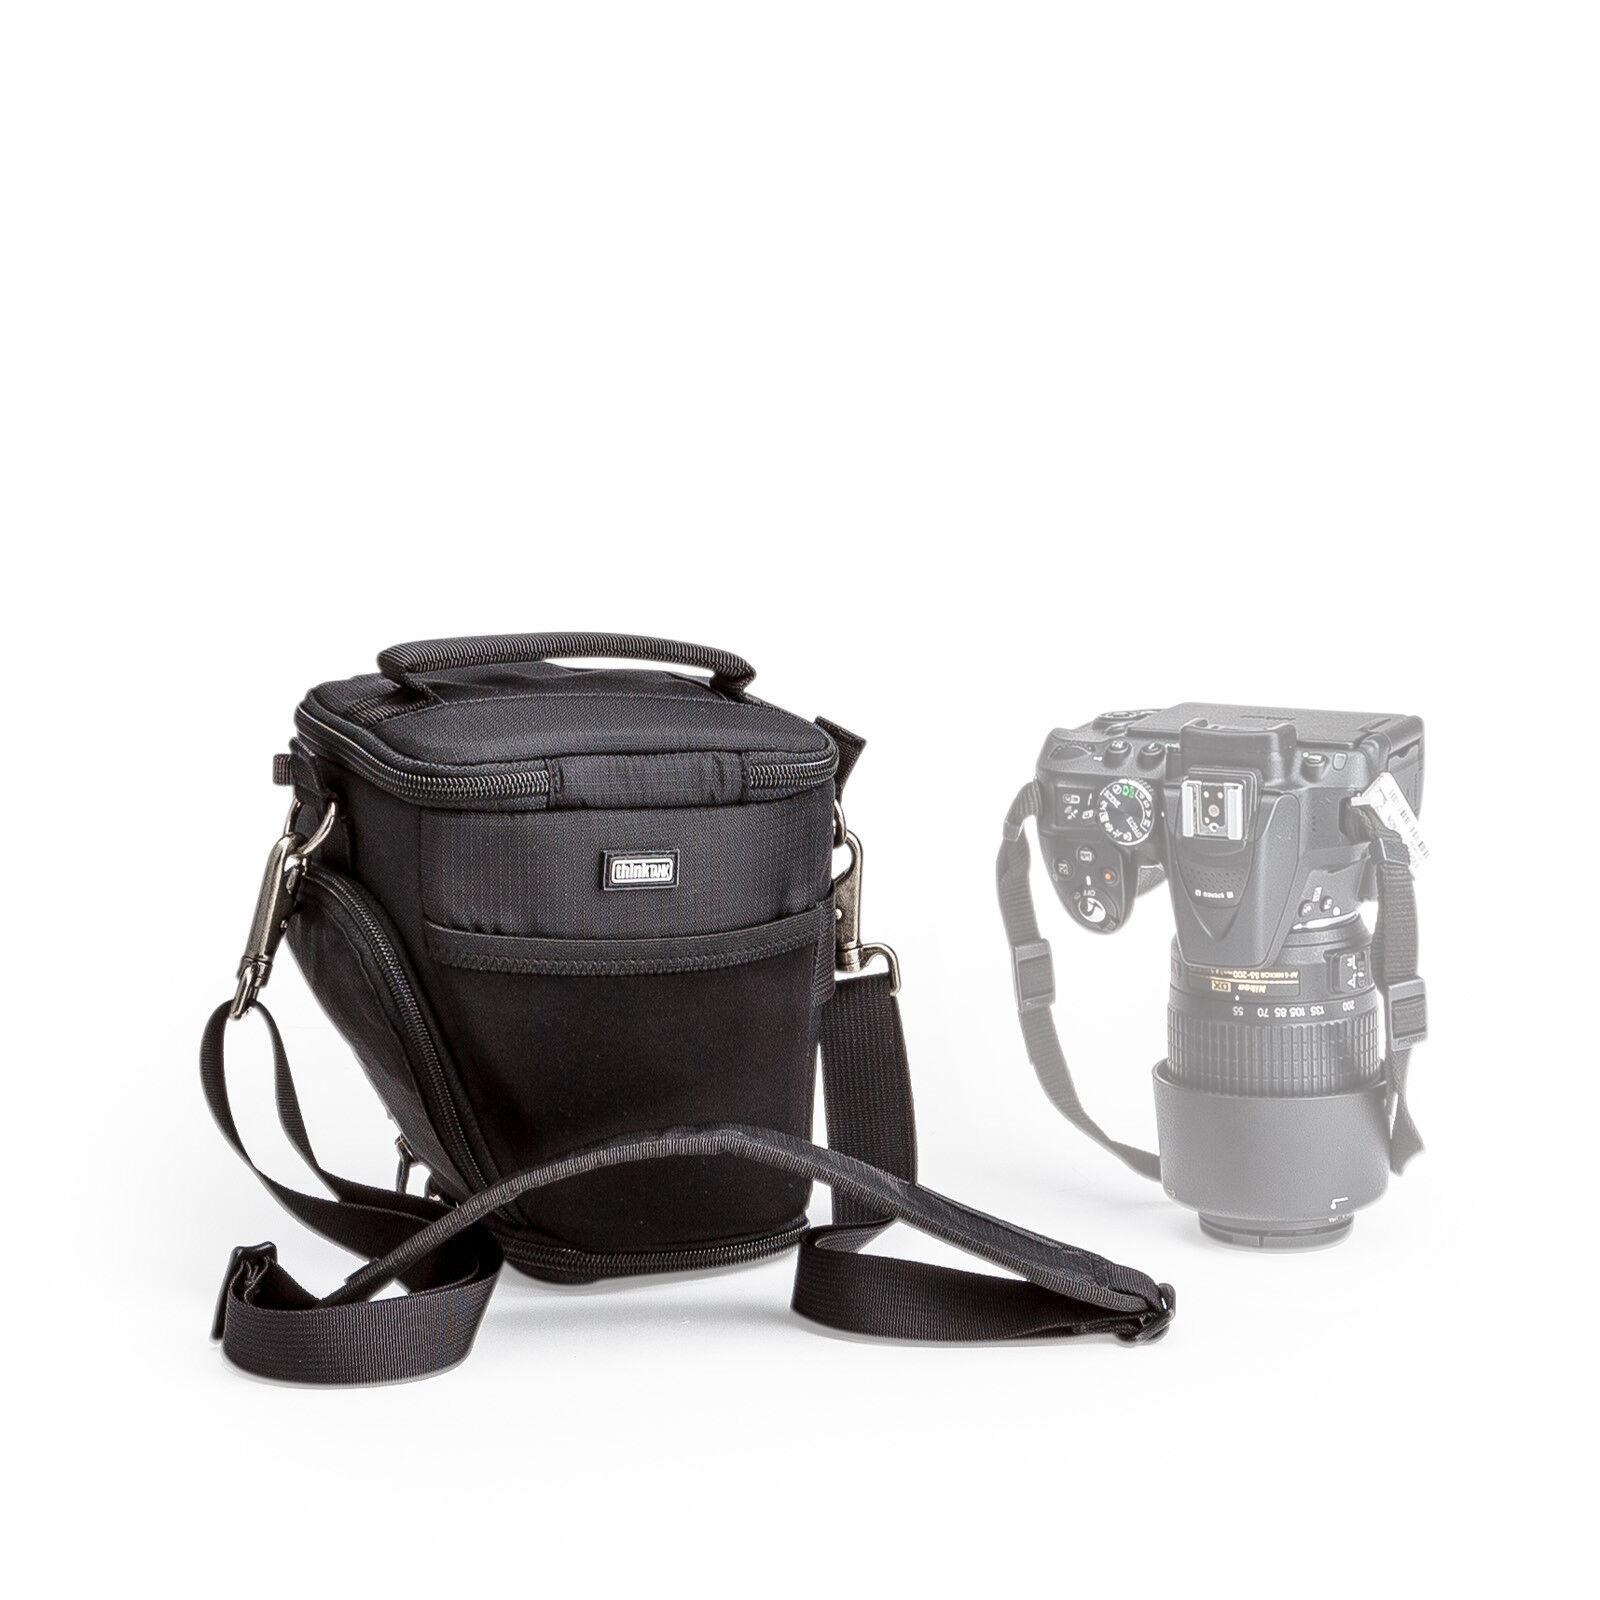 Kameraväska Digital Holster 10 V2.0